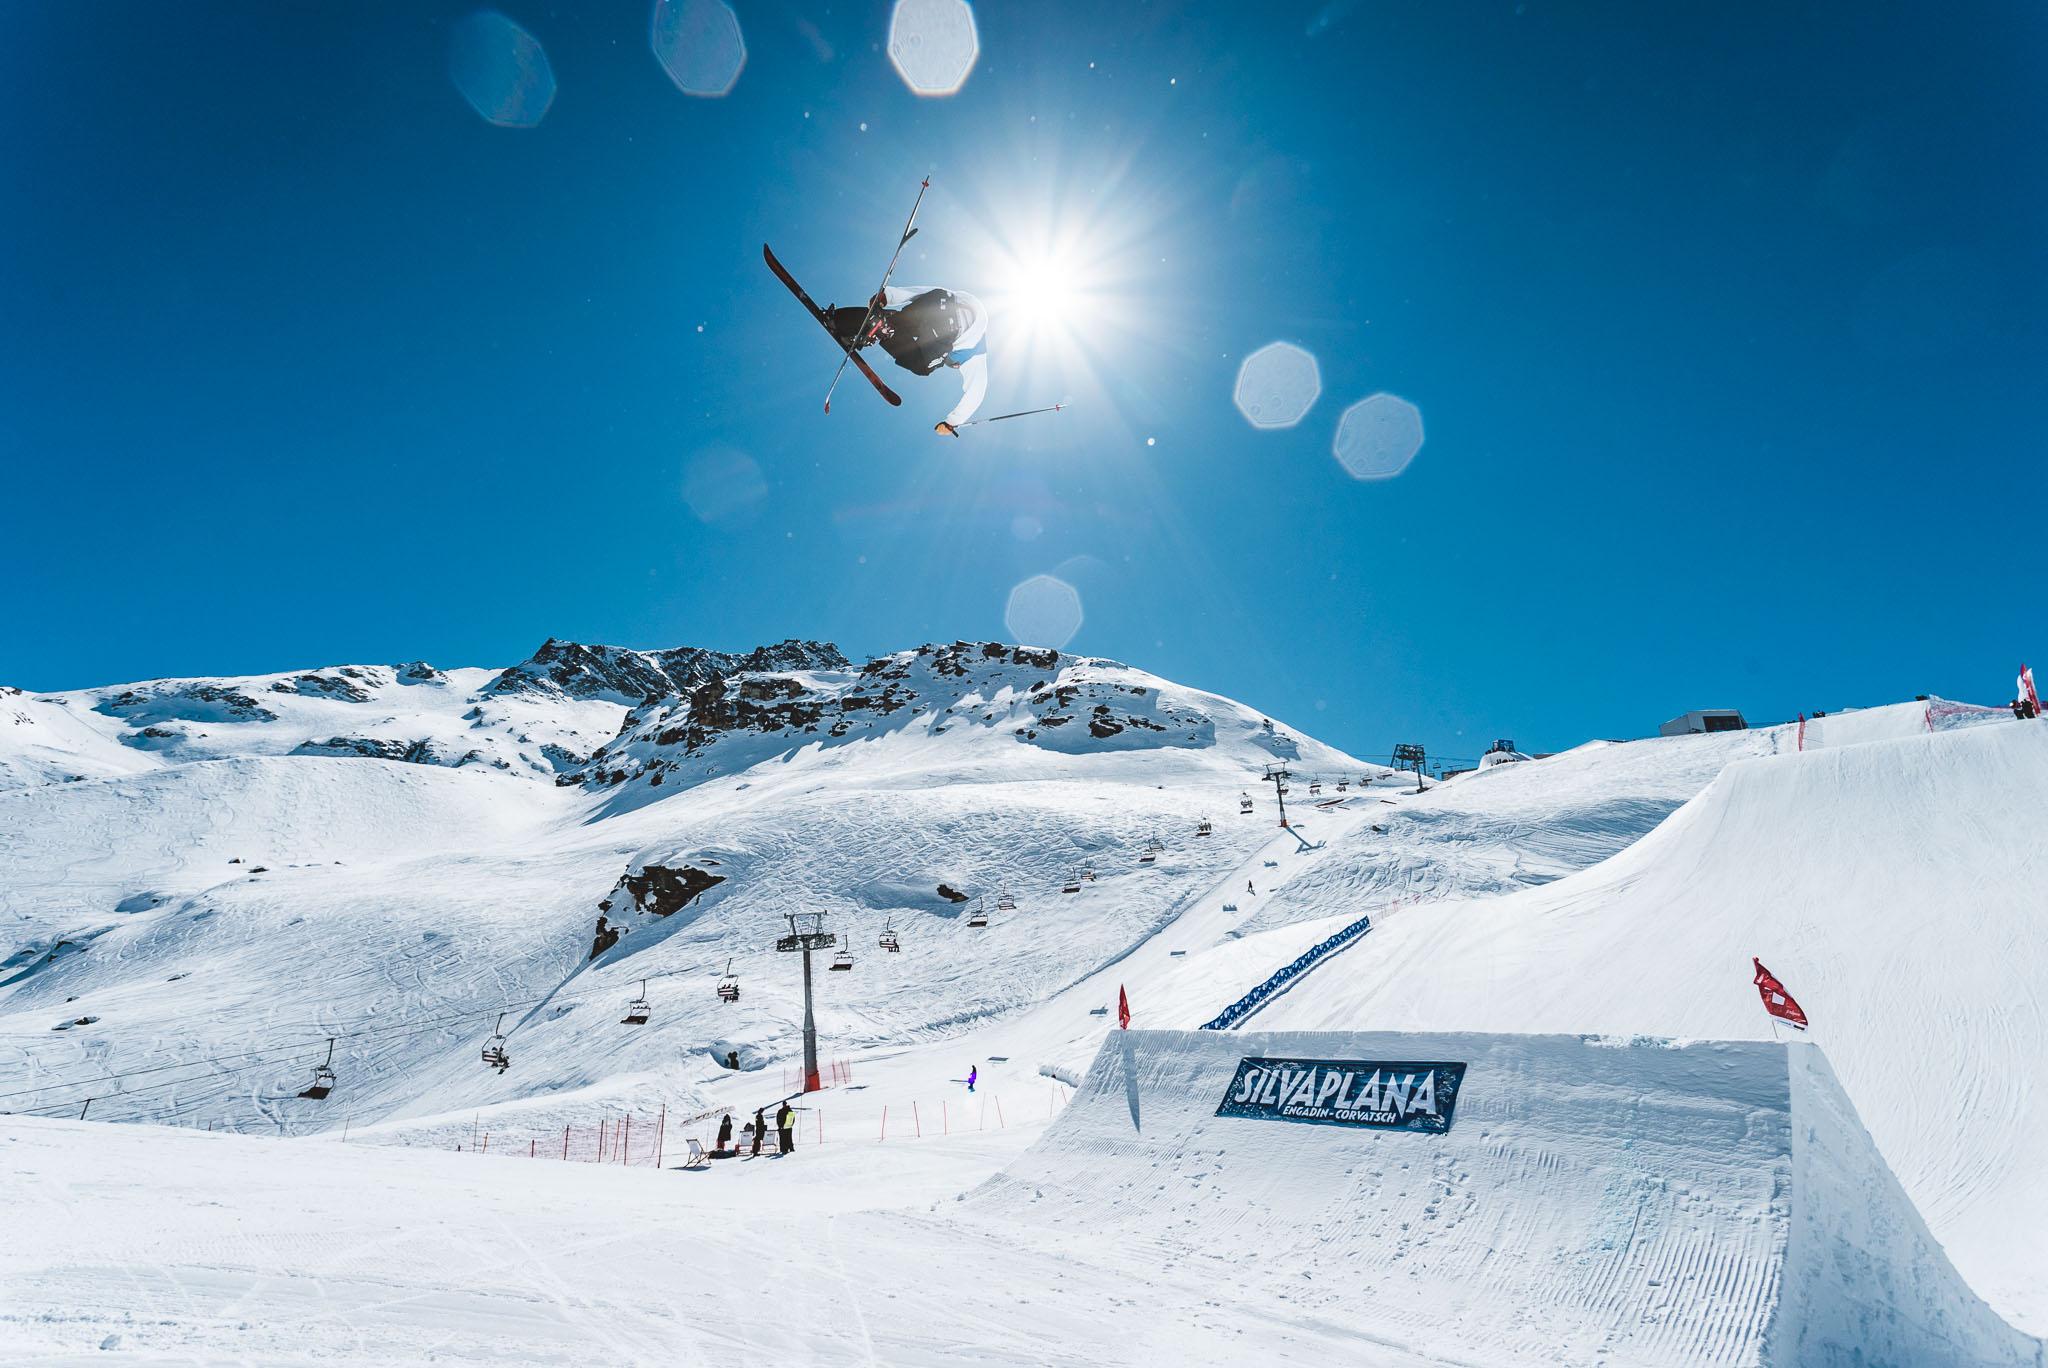 FIS Freestyle Slopestyle World Cup 18/19 #5: Corvatsch (Schweiz) - Ragettli und Oldham holen den Sieg - Rider: Aleksi Patja